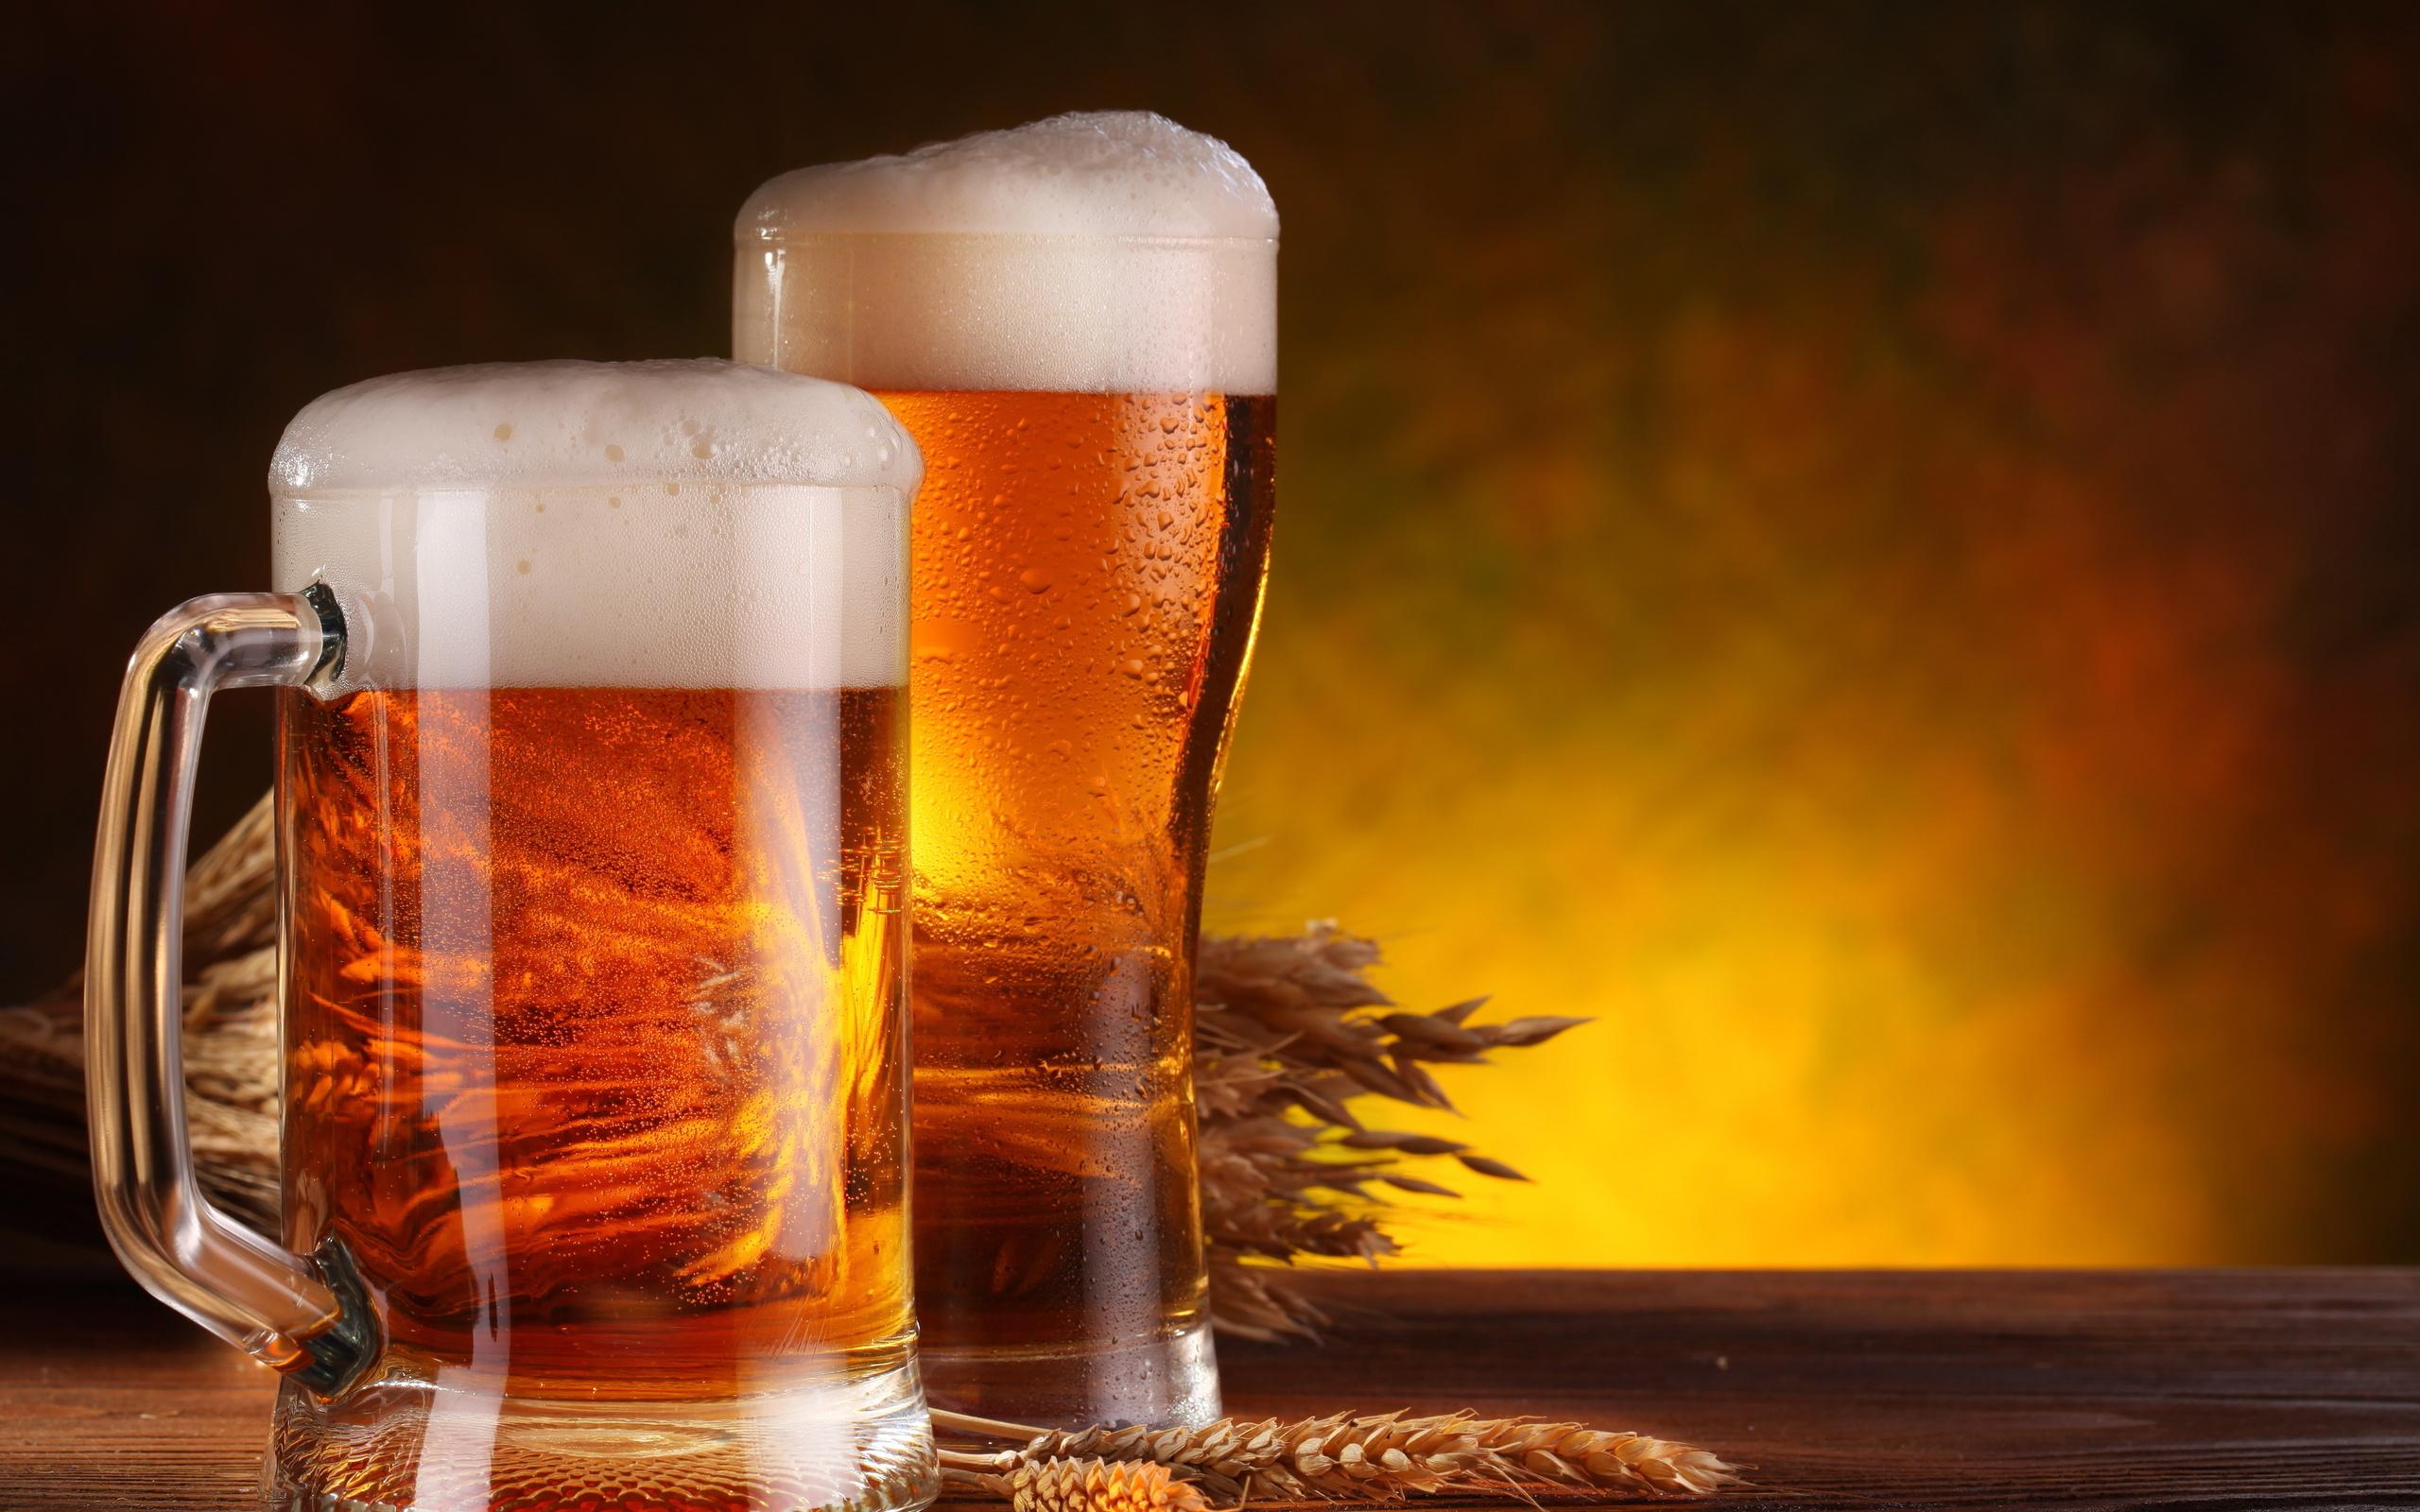 качественная, фото кружки пива красивое индустриальных пейзажей, оранжевого